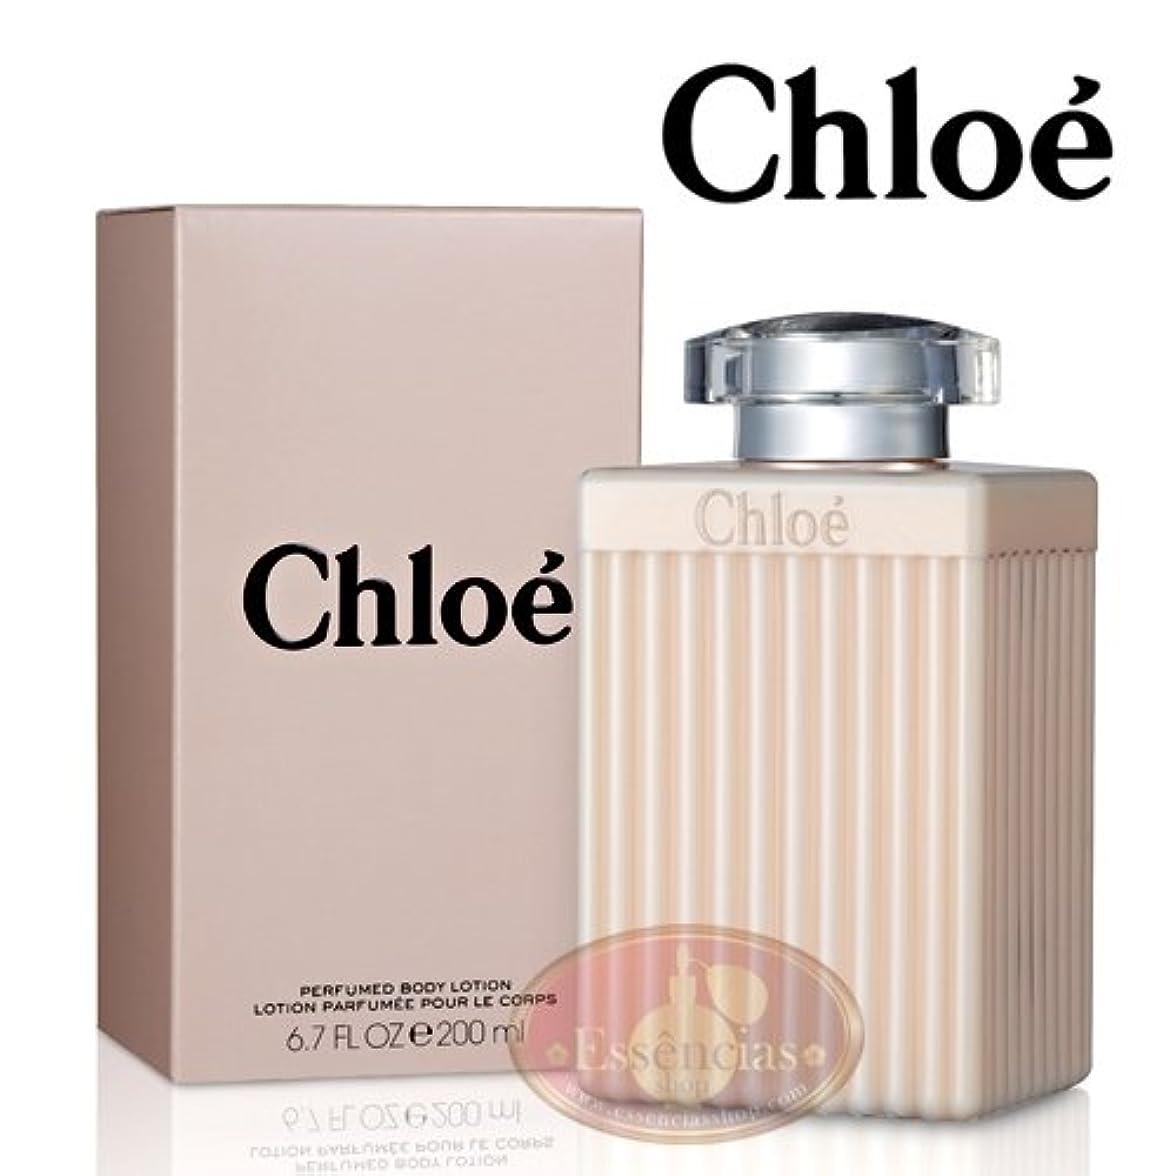 病気のリーク成長するクロエ(Chloe) パフュームド ボディローション 200ml [並行輸入品]